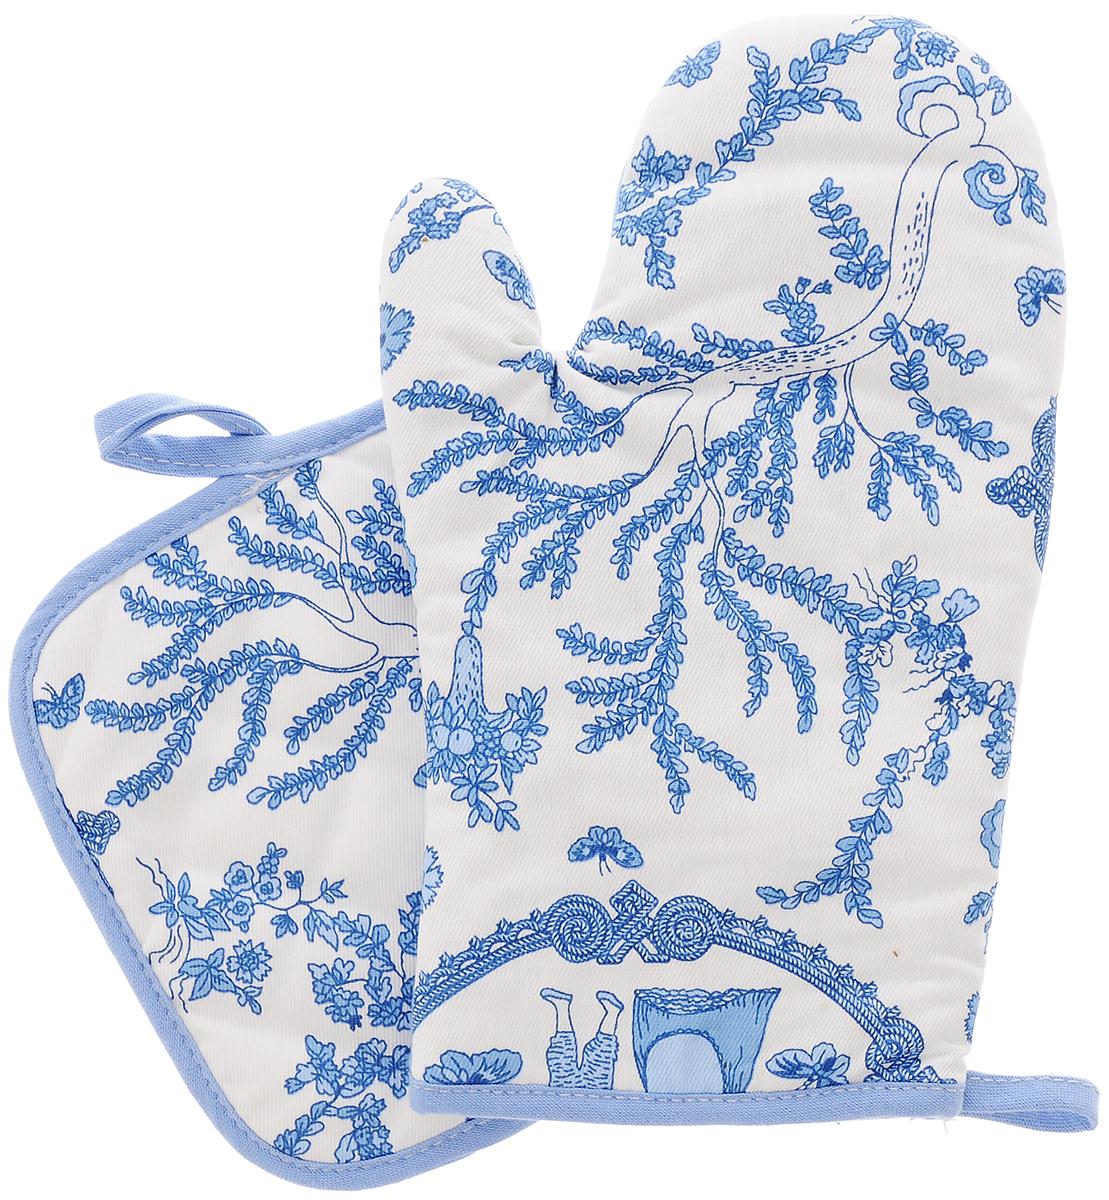 Набор кухонного текстиля Bonita Жуи, цвет: белый, голубой, 2 предмета11010815725Набор кухонного текстиля Bonita Жуи состоит из, прихватки и рукавицы для горячего. Изделия выполнены из 100% хлопка. Квадратная прихватка и рукавица служат для защиты рук от горячей посуды. Они снабжены петельками для подвешивания на крючок.Такой набор прекрасно подойдет для кухни, яркая расцветка и качество исполнения сделают его желанным подарком для любой хозяйки.Размер рукавицы: 15,5 х 26,5 см.Размер прихватки: 17,5 х 17,5 см.